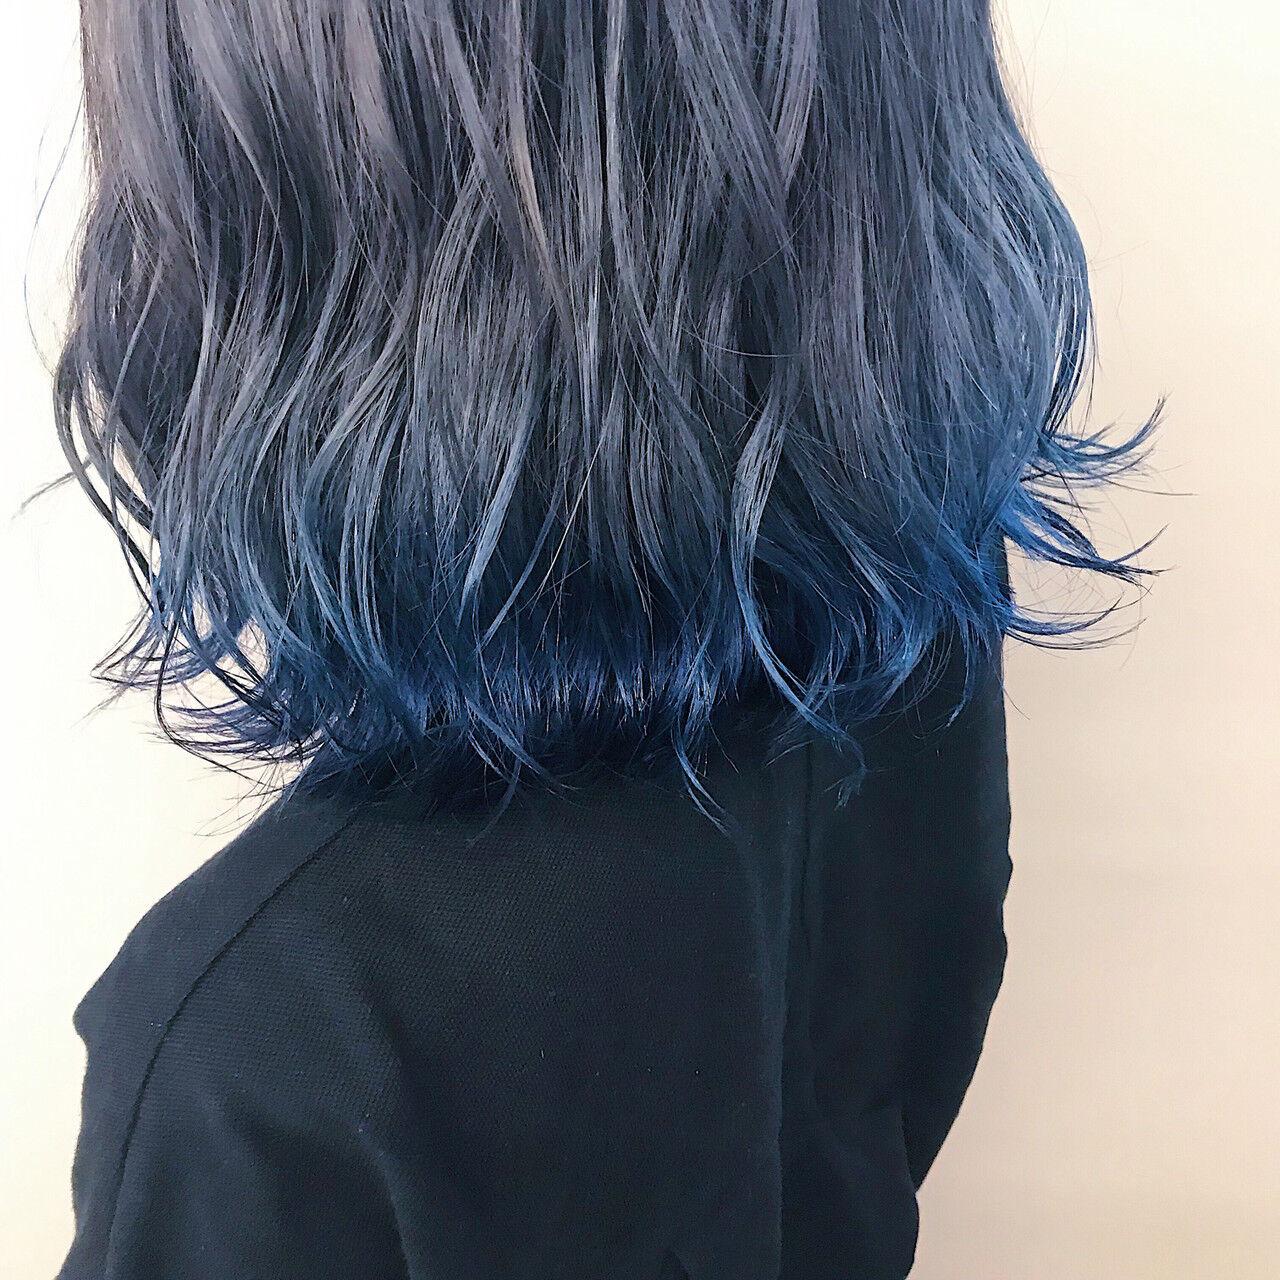 ブルーアッシュ ダブルカラー 裾カラー ボブヘアスタイルや髪型の写真・画像